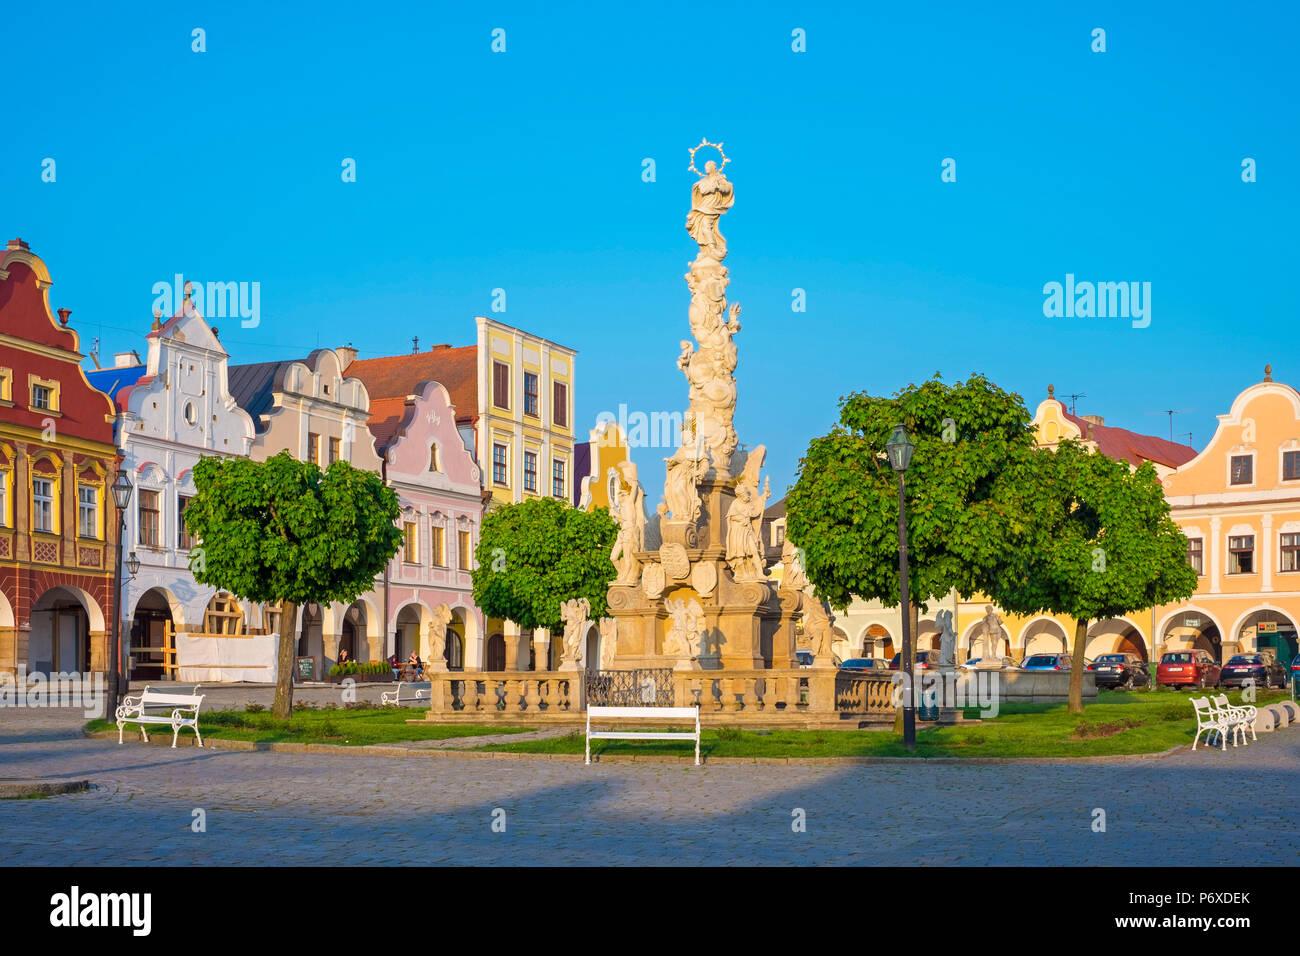 Czech Republic, Vysocina Region, Telc. - Stock Image